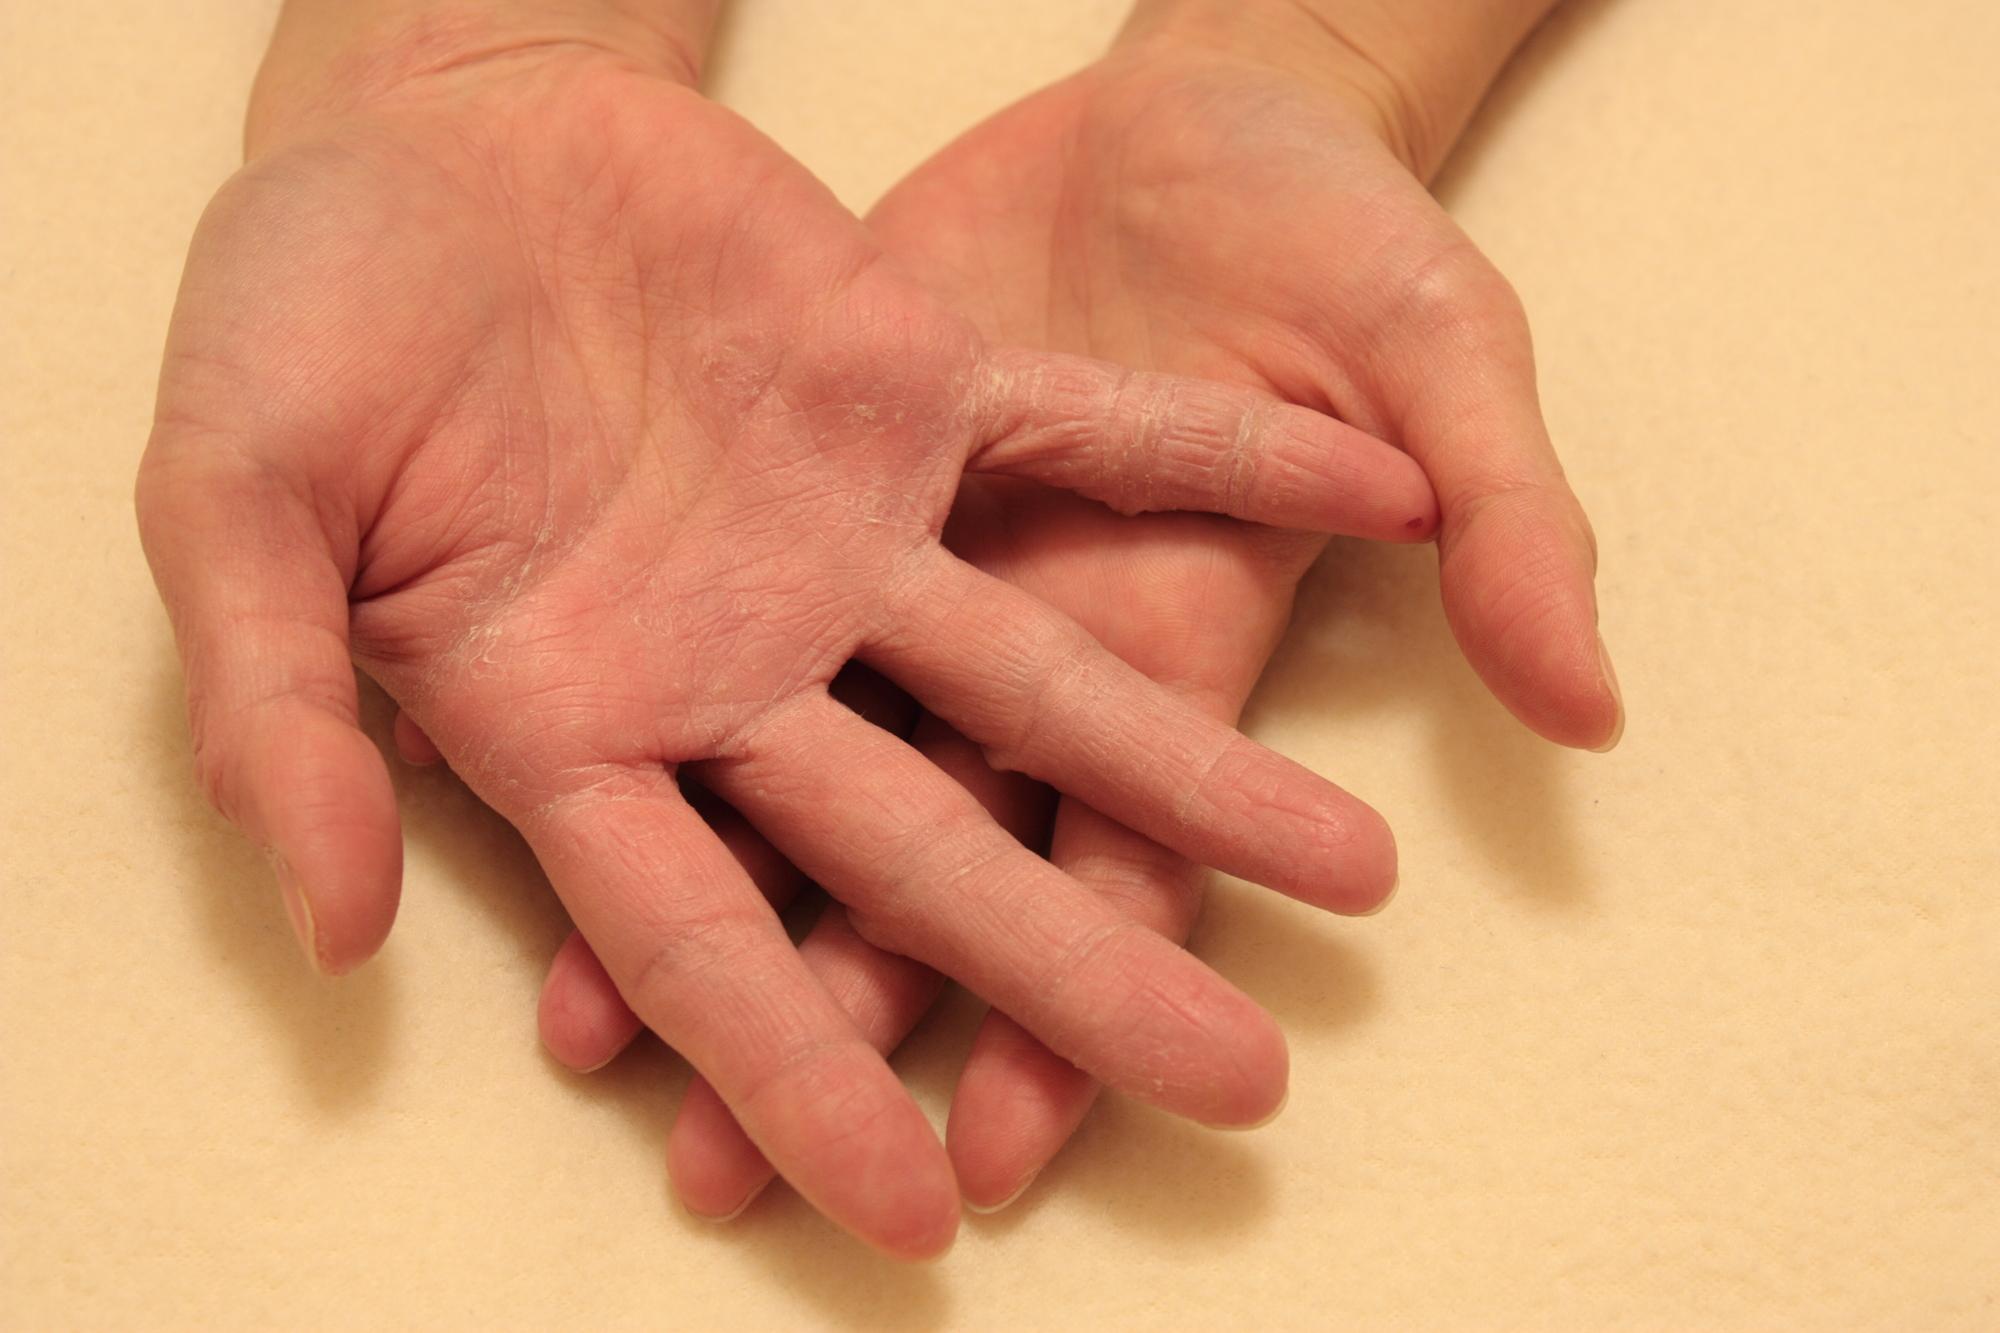 手荒れに悩んだ3人の美容師がしていた手荒れ対策と予防